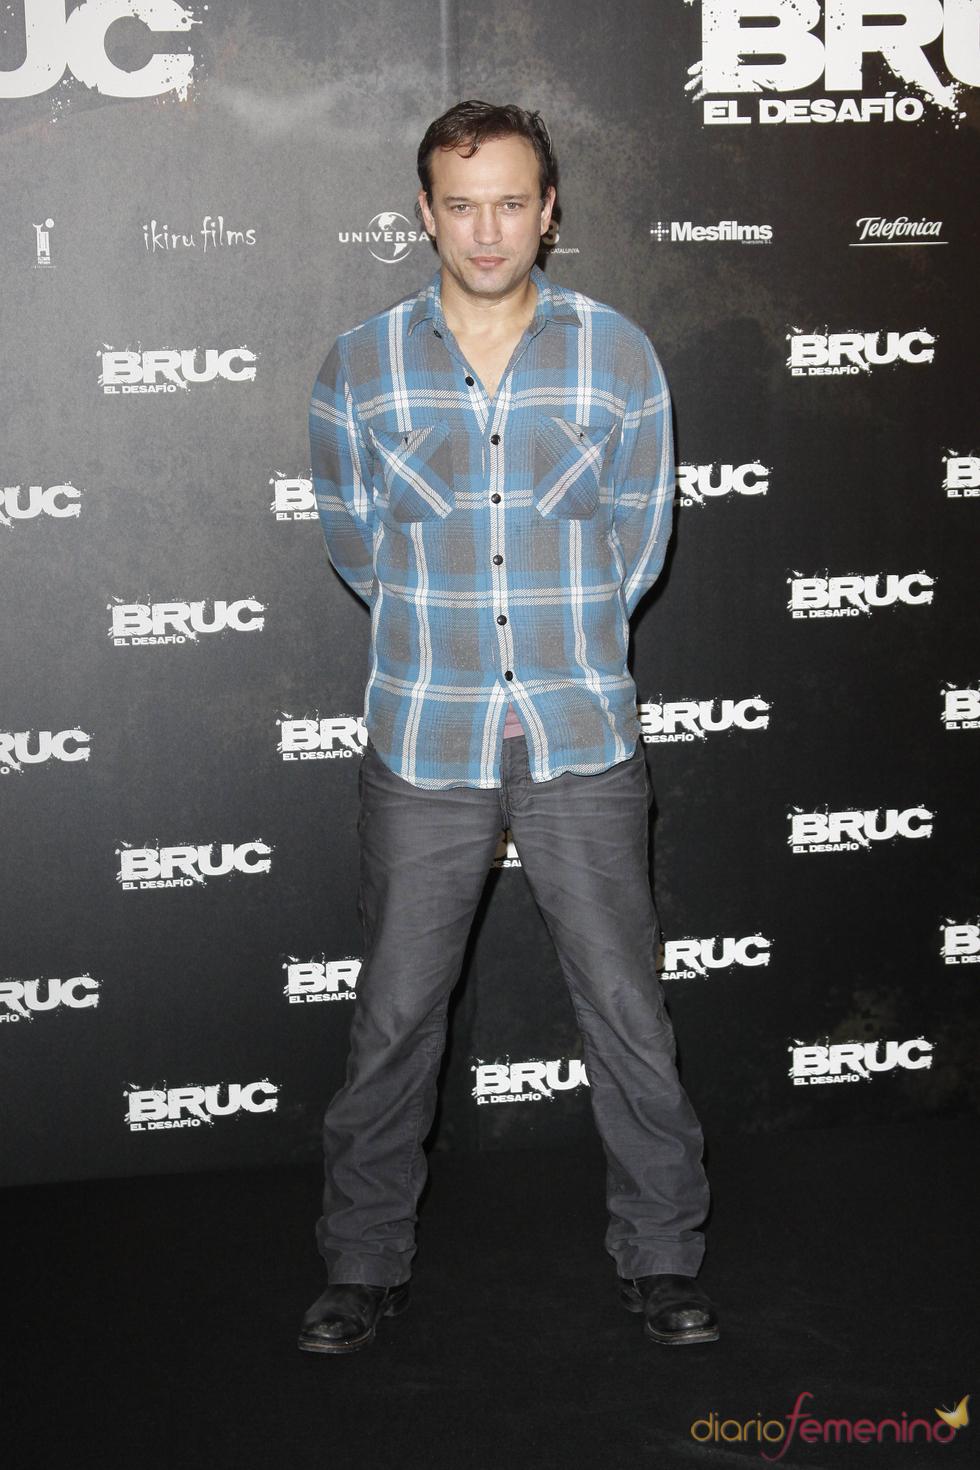 Vincent Pérez en el estreno de 'Bruc. El desafío'